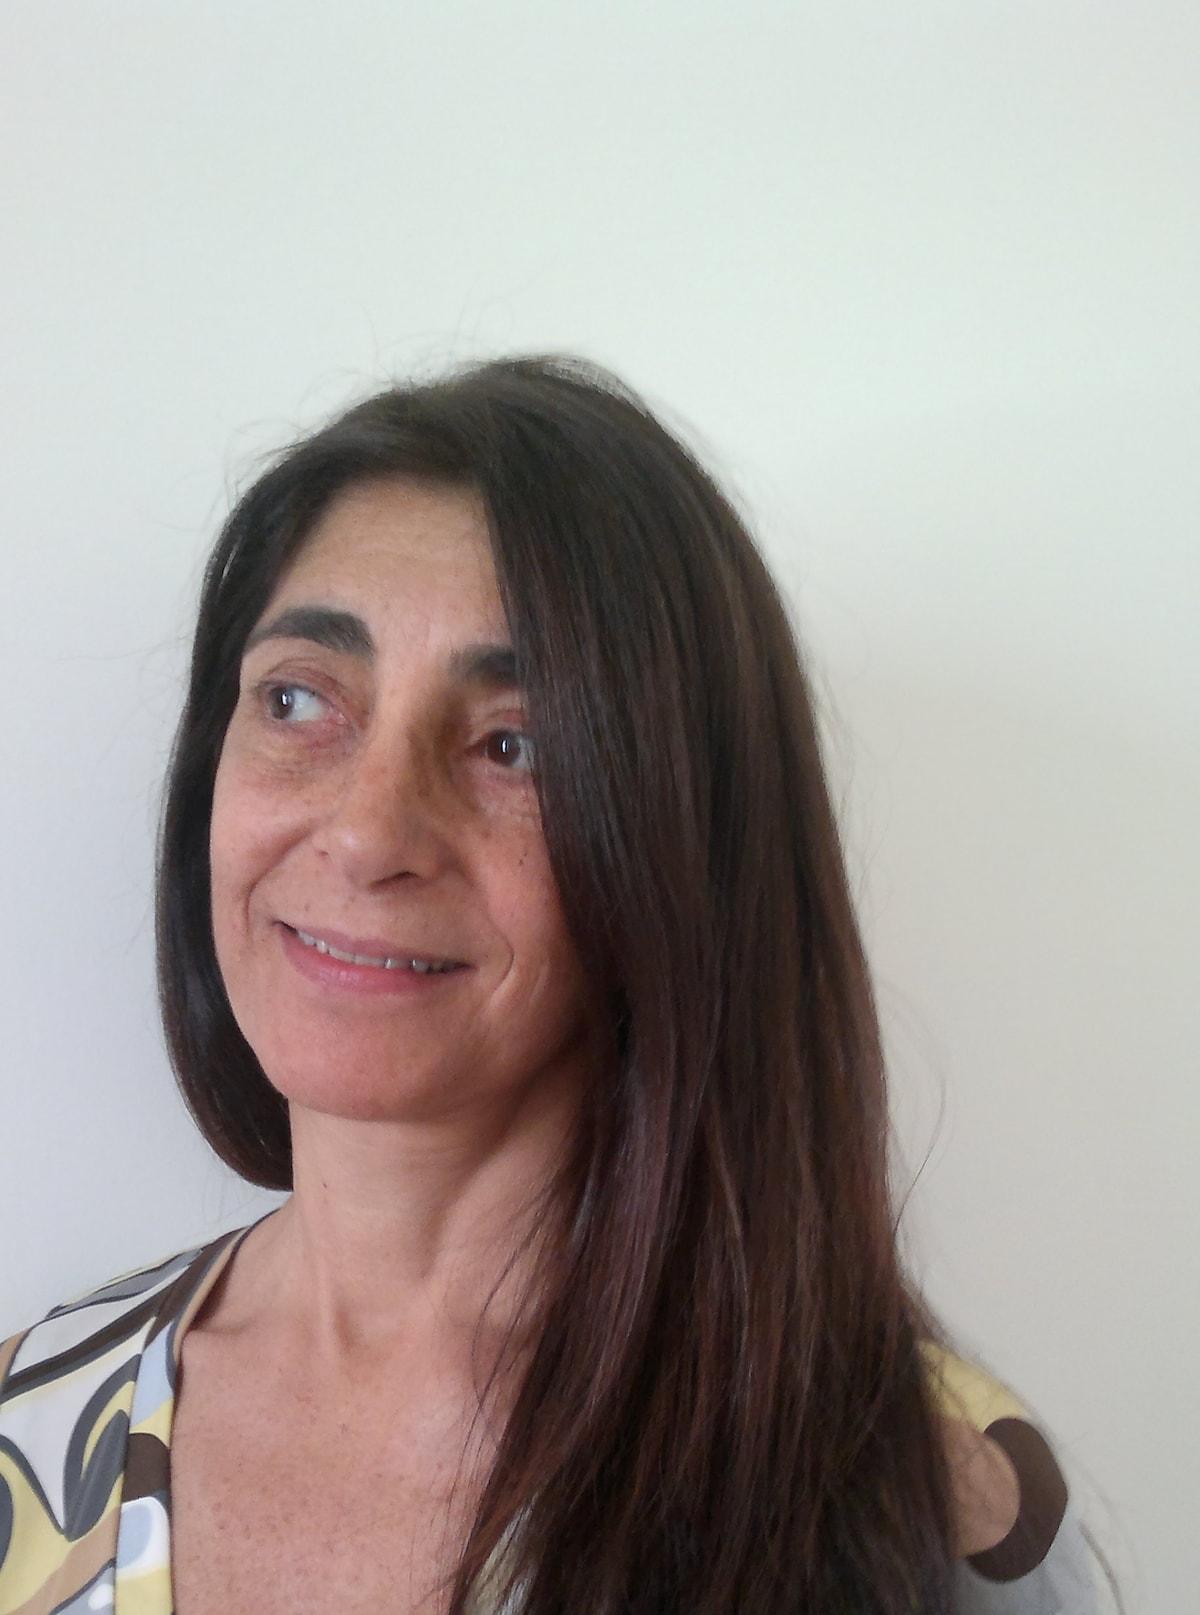 Denise from Arles